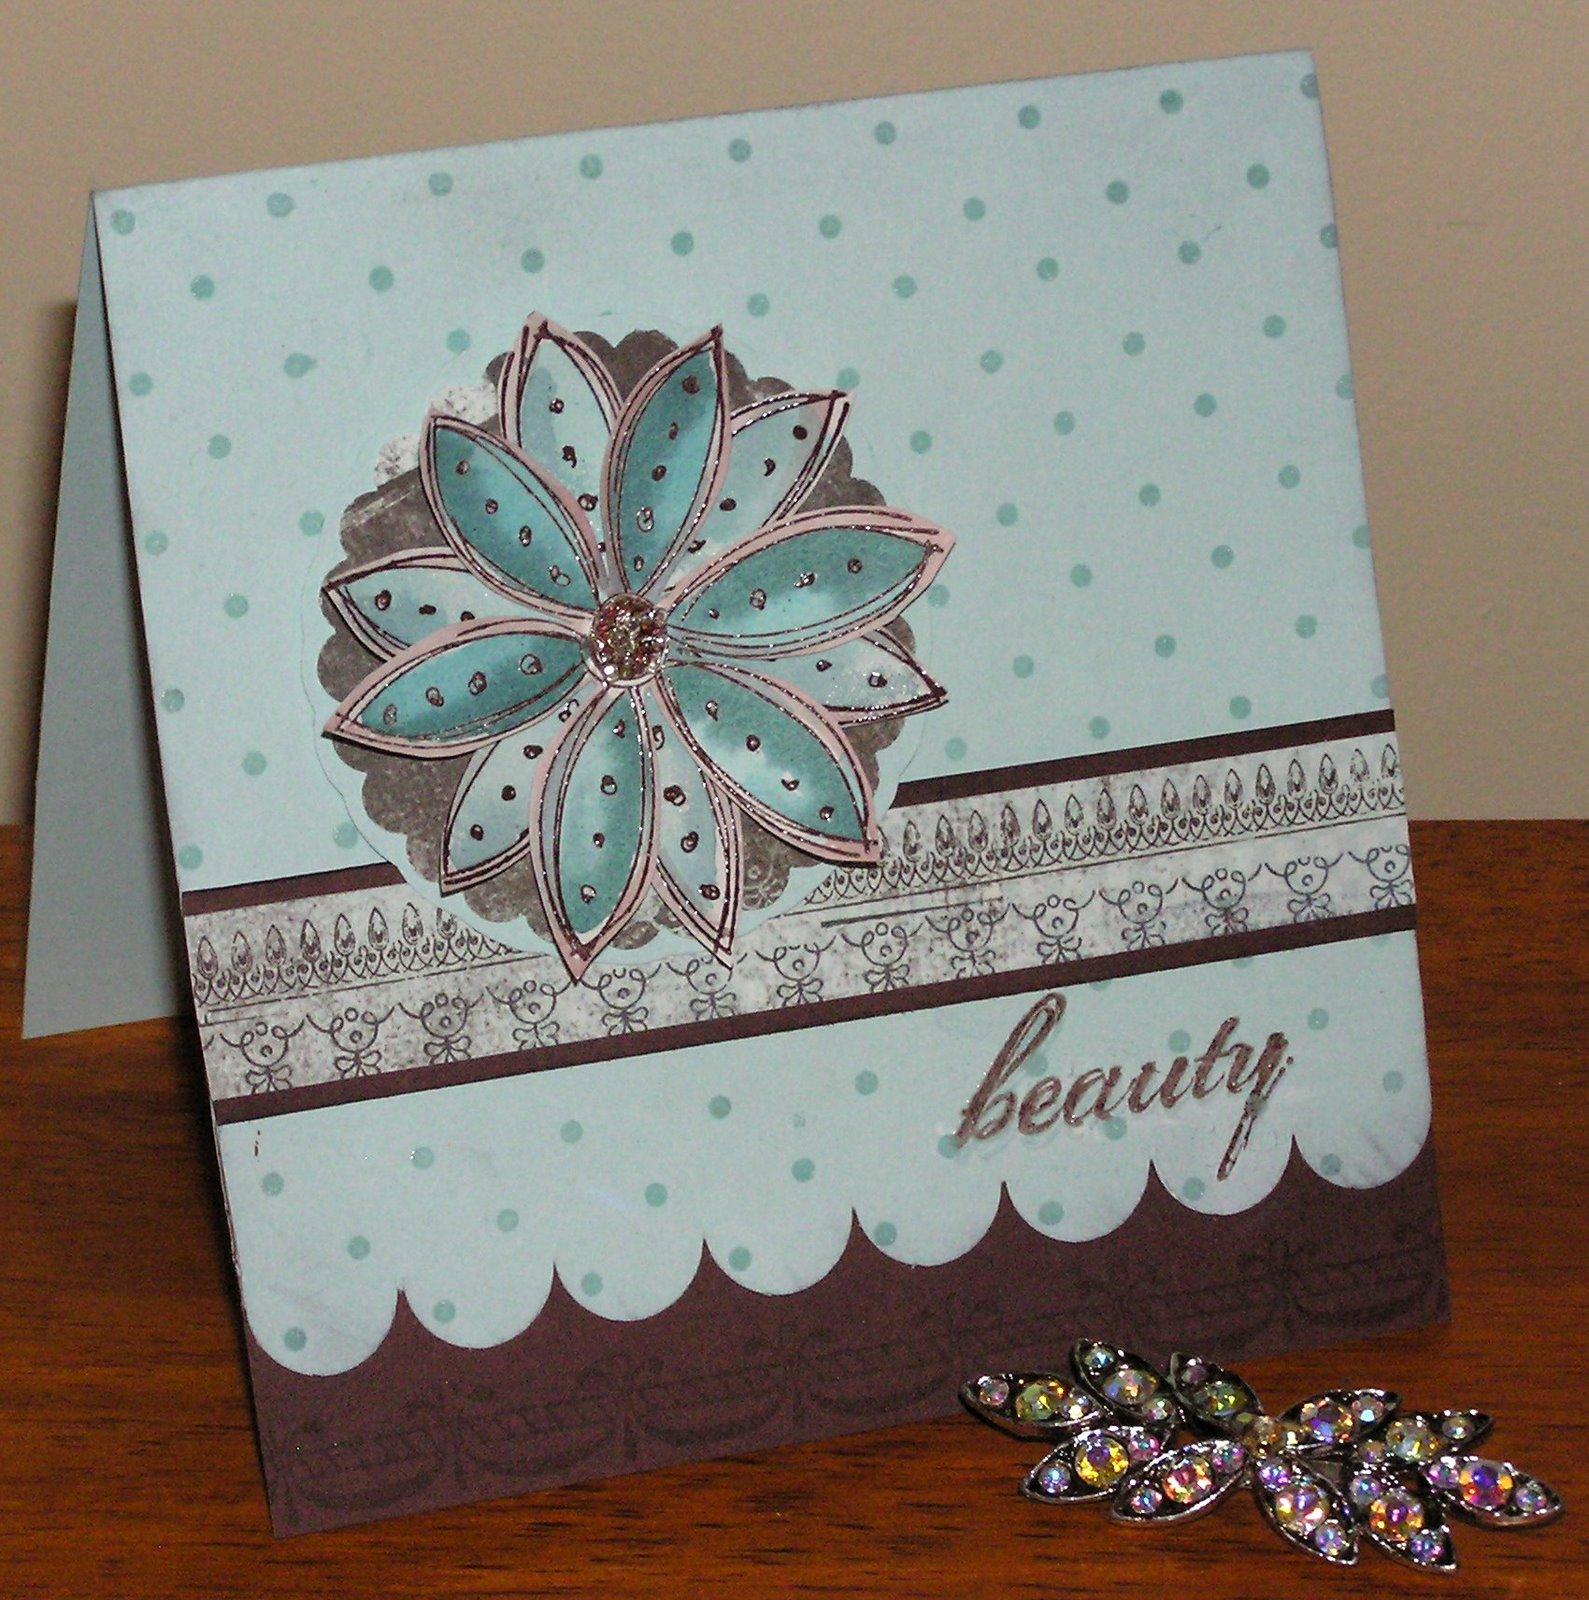 [beauty+card.JPG]